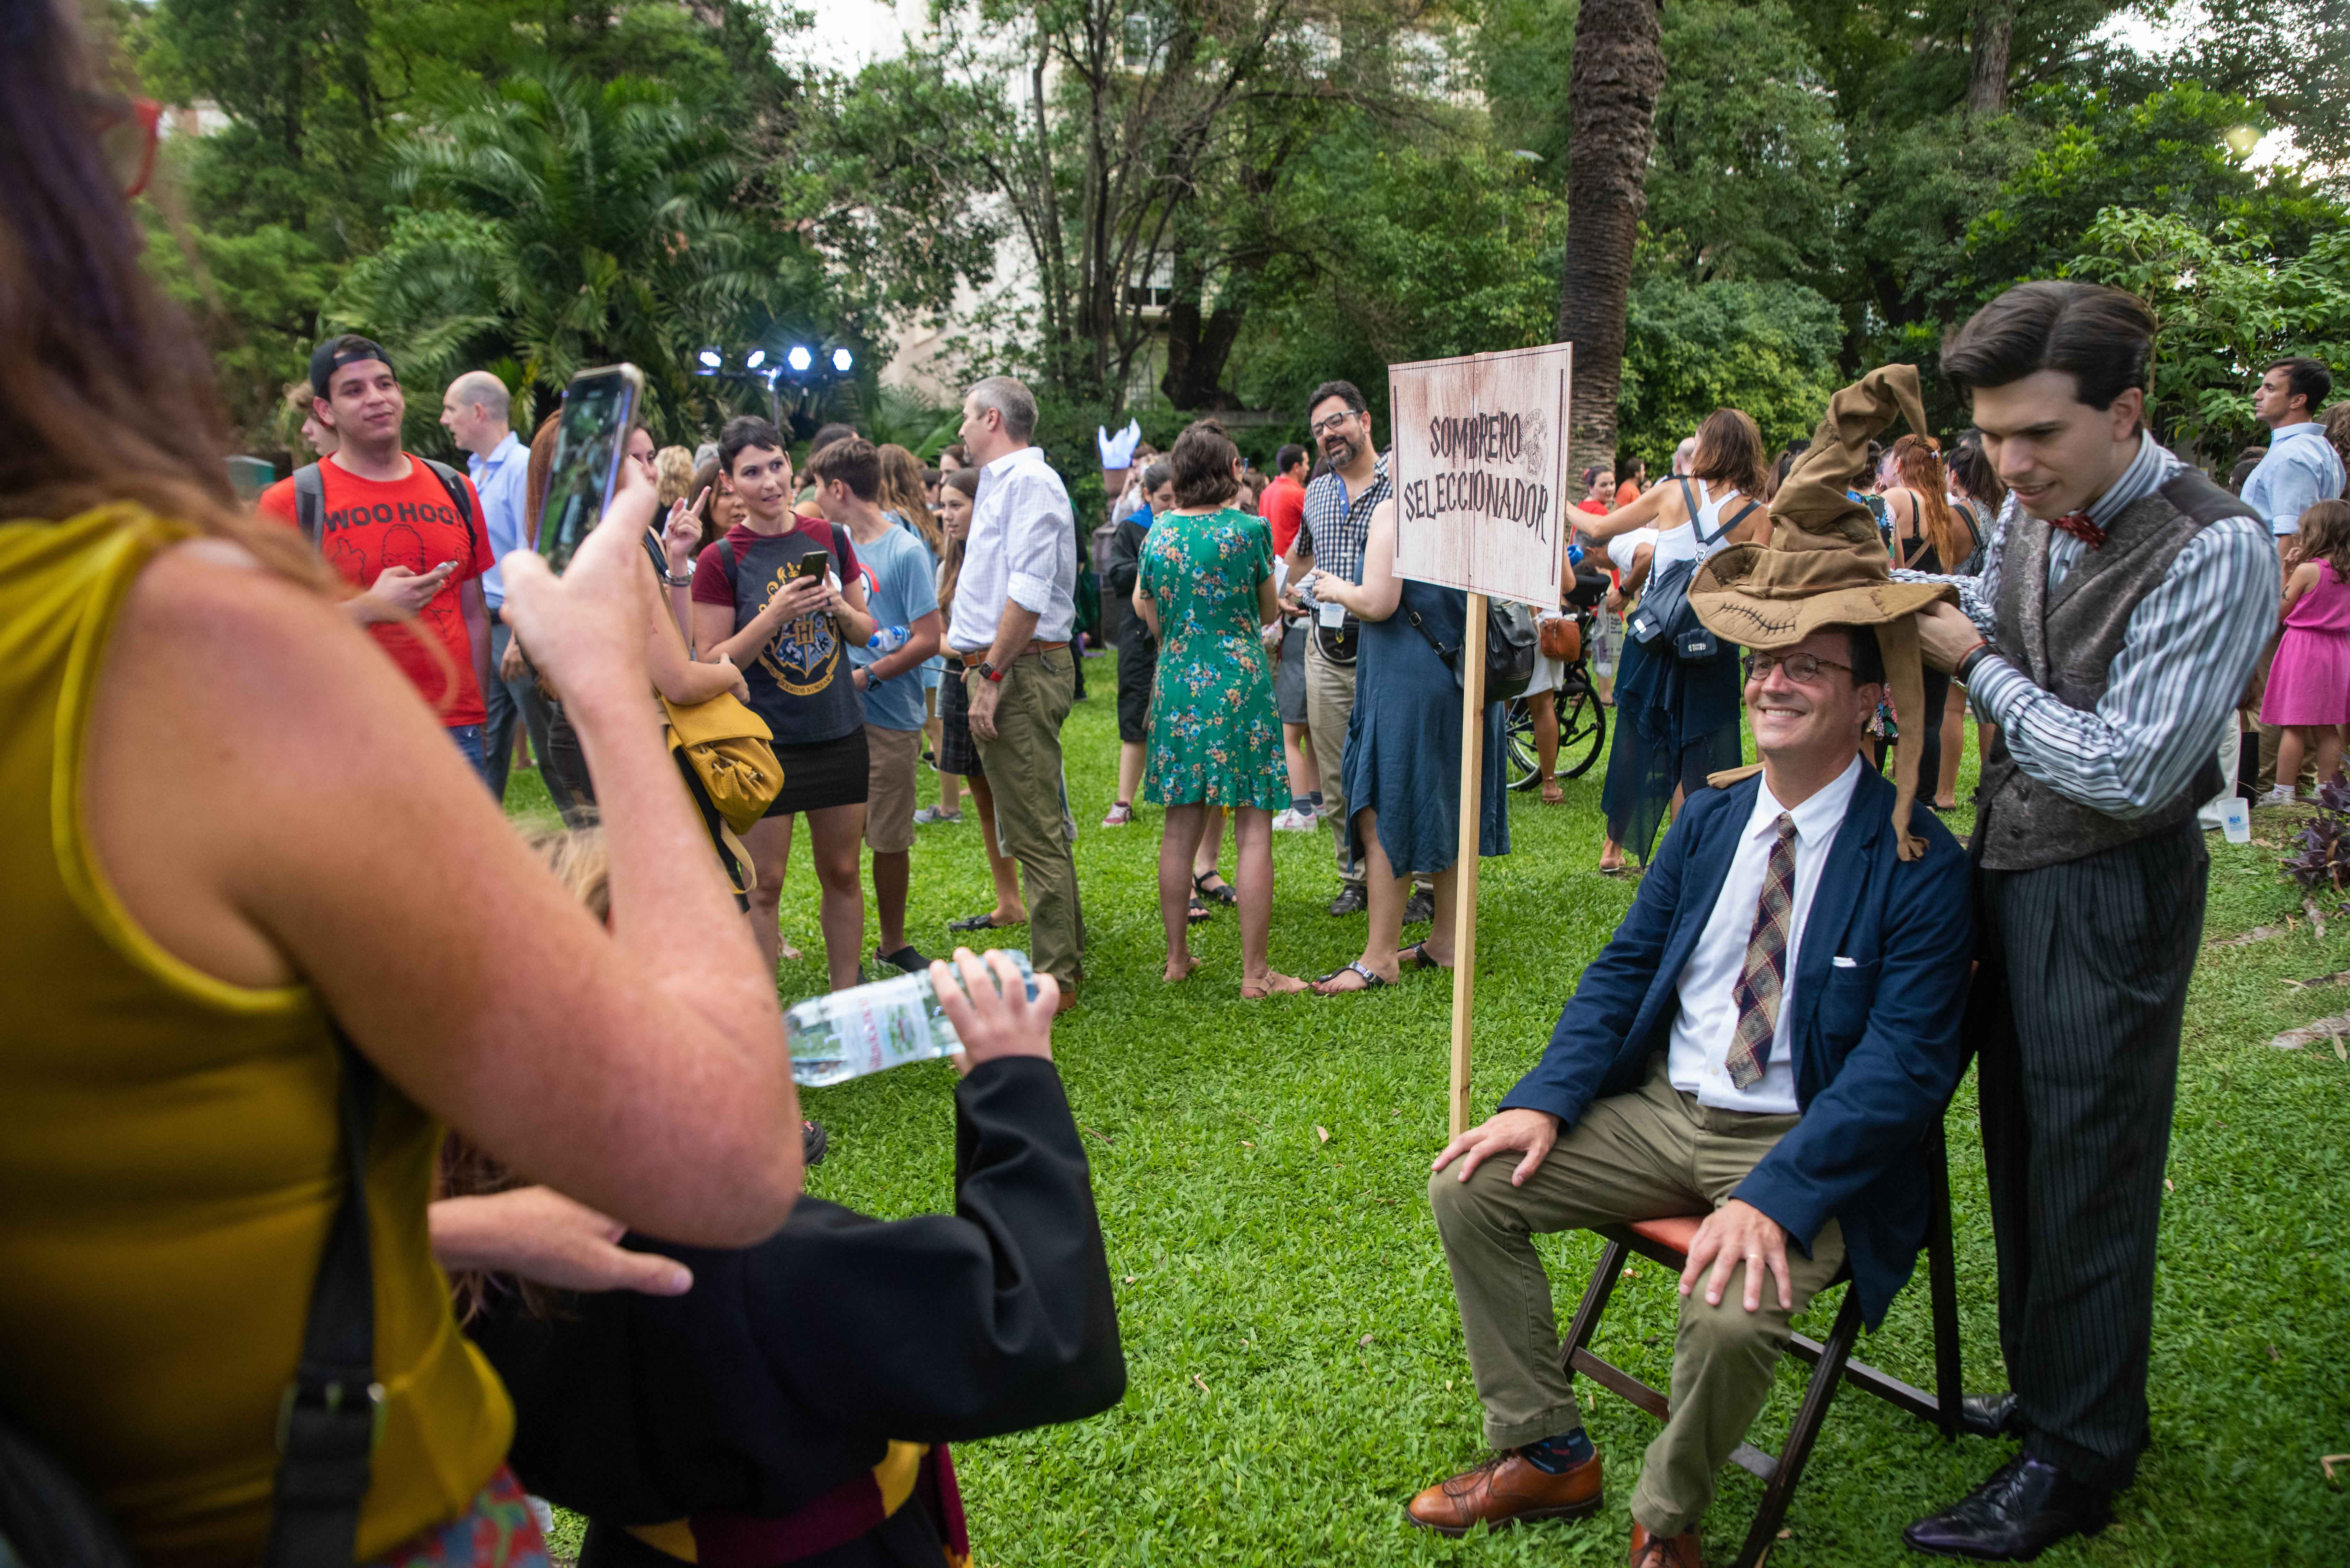 Los fanáticos hicieron largas colas para que el sombrero seleccionador les diga a qué casa pertenecían